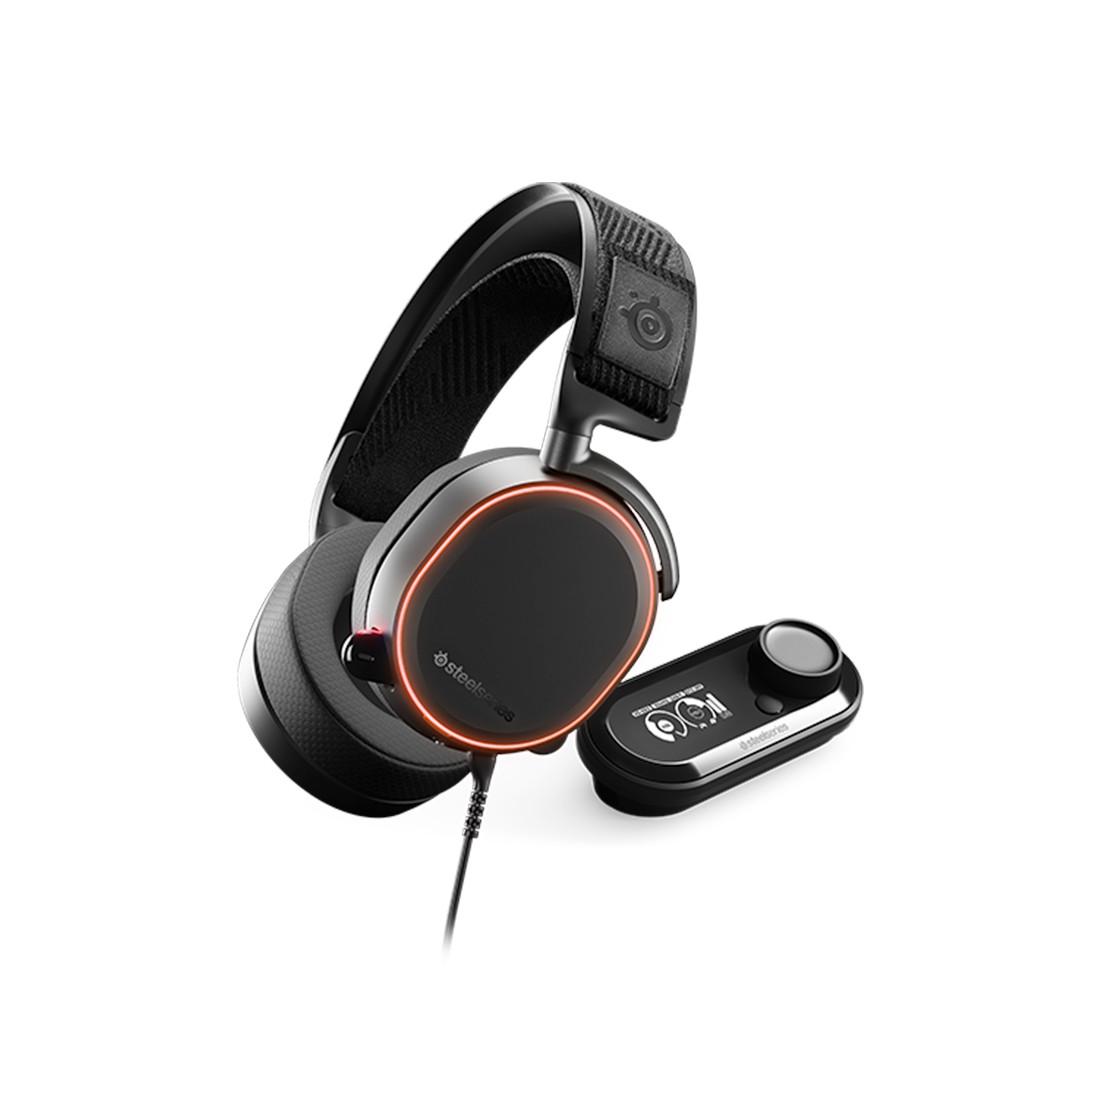 Гарнитура, Steelseries, Arctis Pro + GameDAC 61453, Игровая гарнитура, Микрофон выдвижной гибкий, Пу